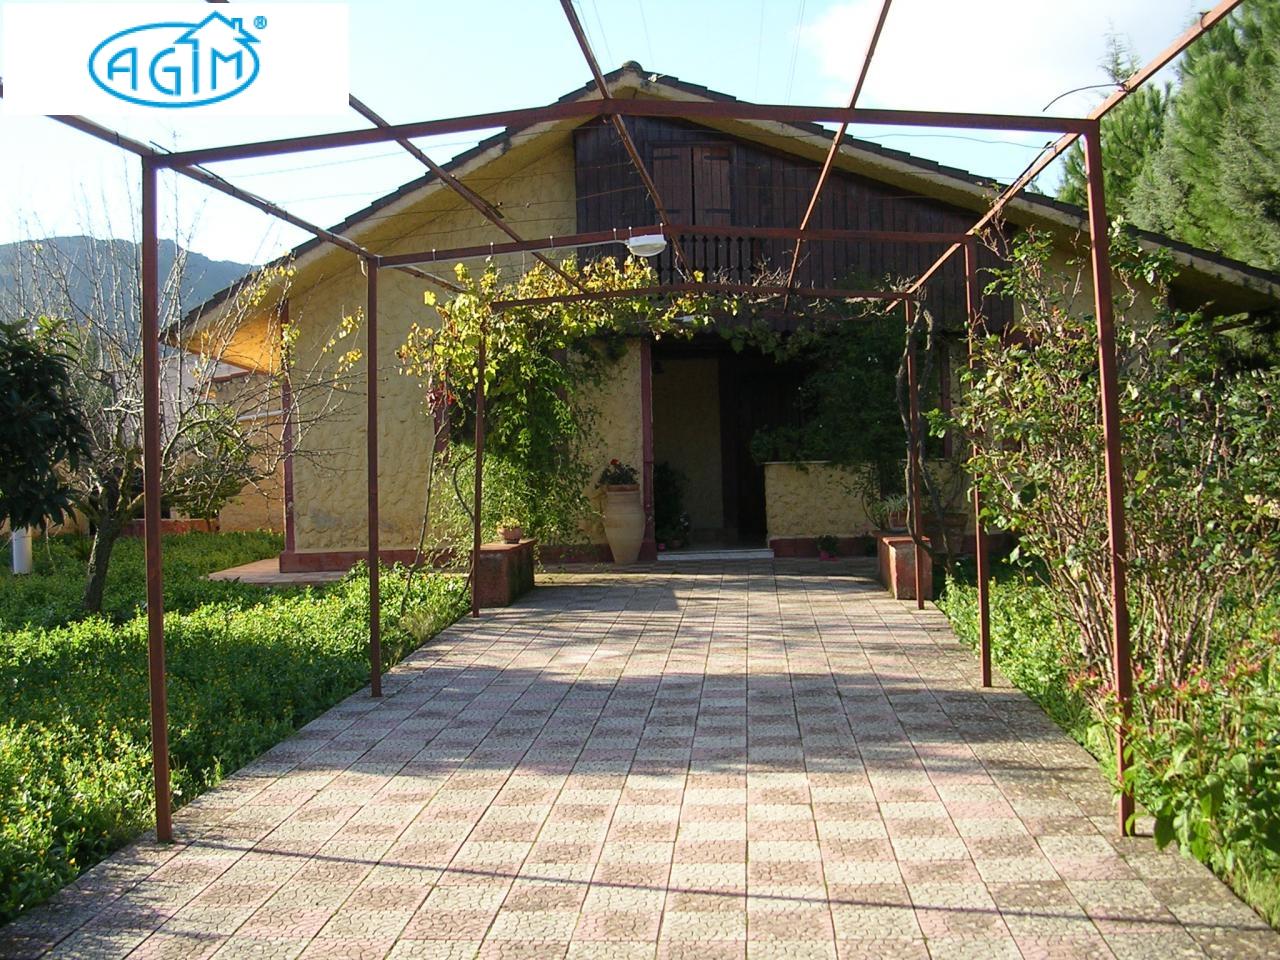 Villa in vendita a Belmonte Mezzagno, 4 locali, prezzo € 88.000 | CambioCasa.it